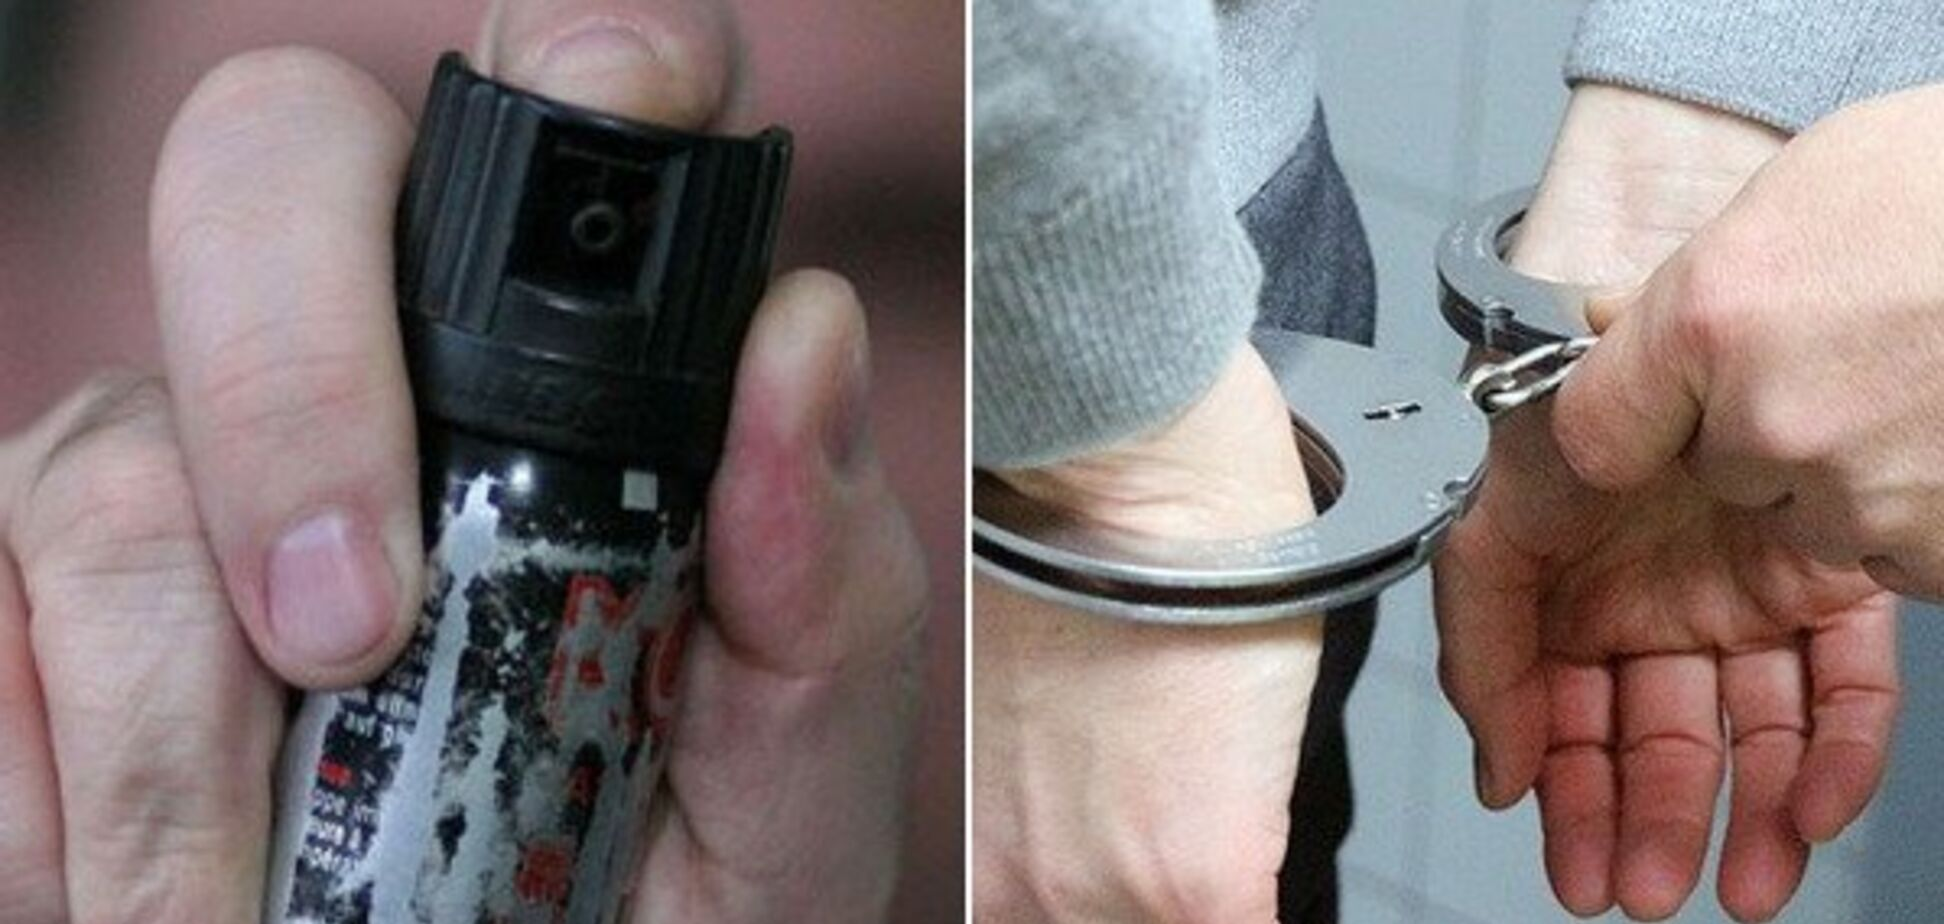 Накинувся з газовим балончиком: в Дніпрі чоловік влаштував дебош в кафе